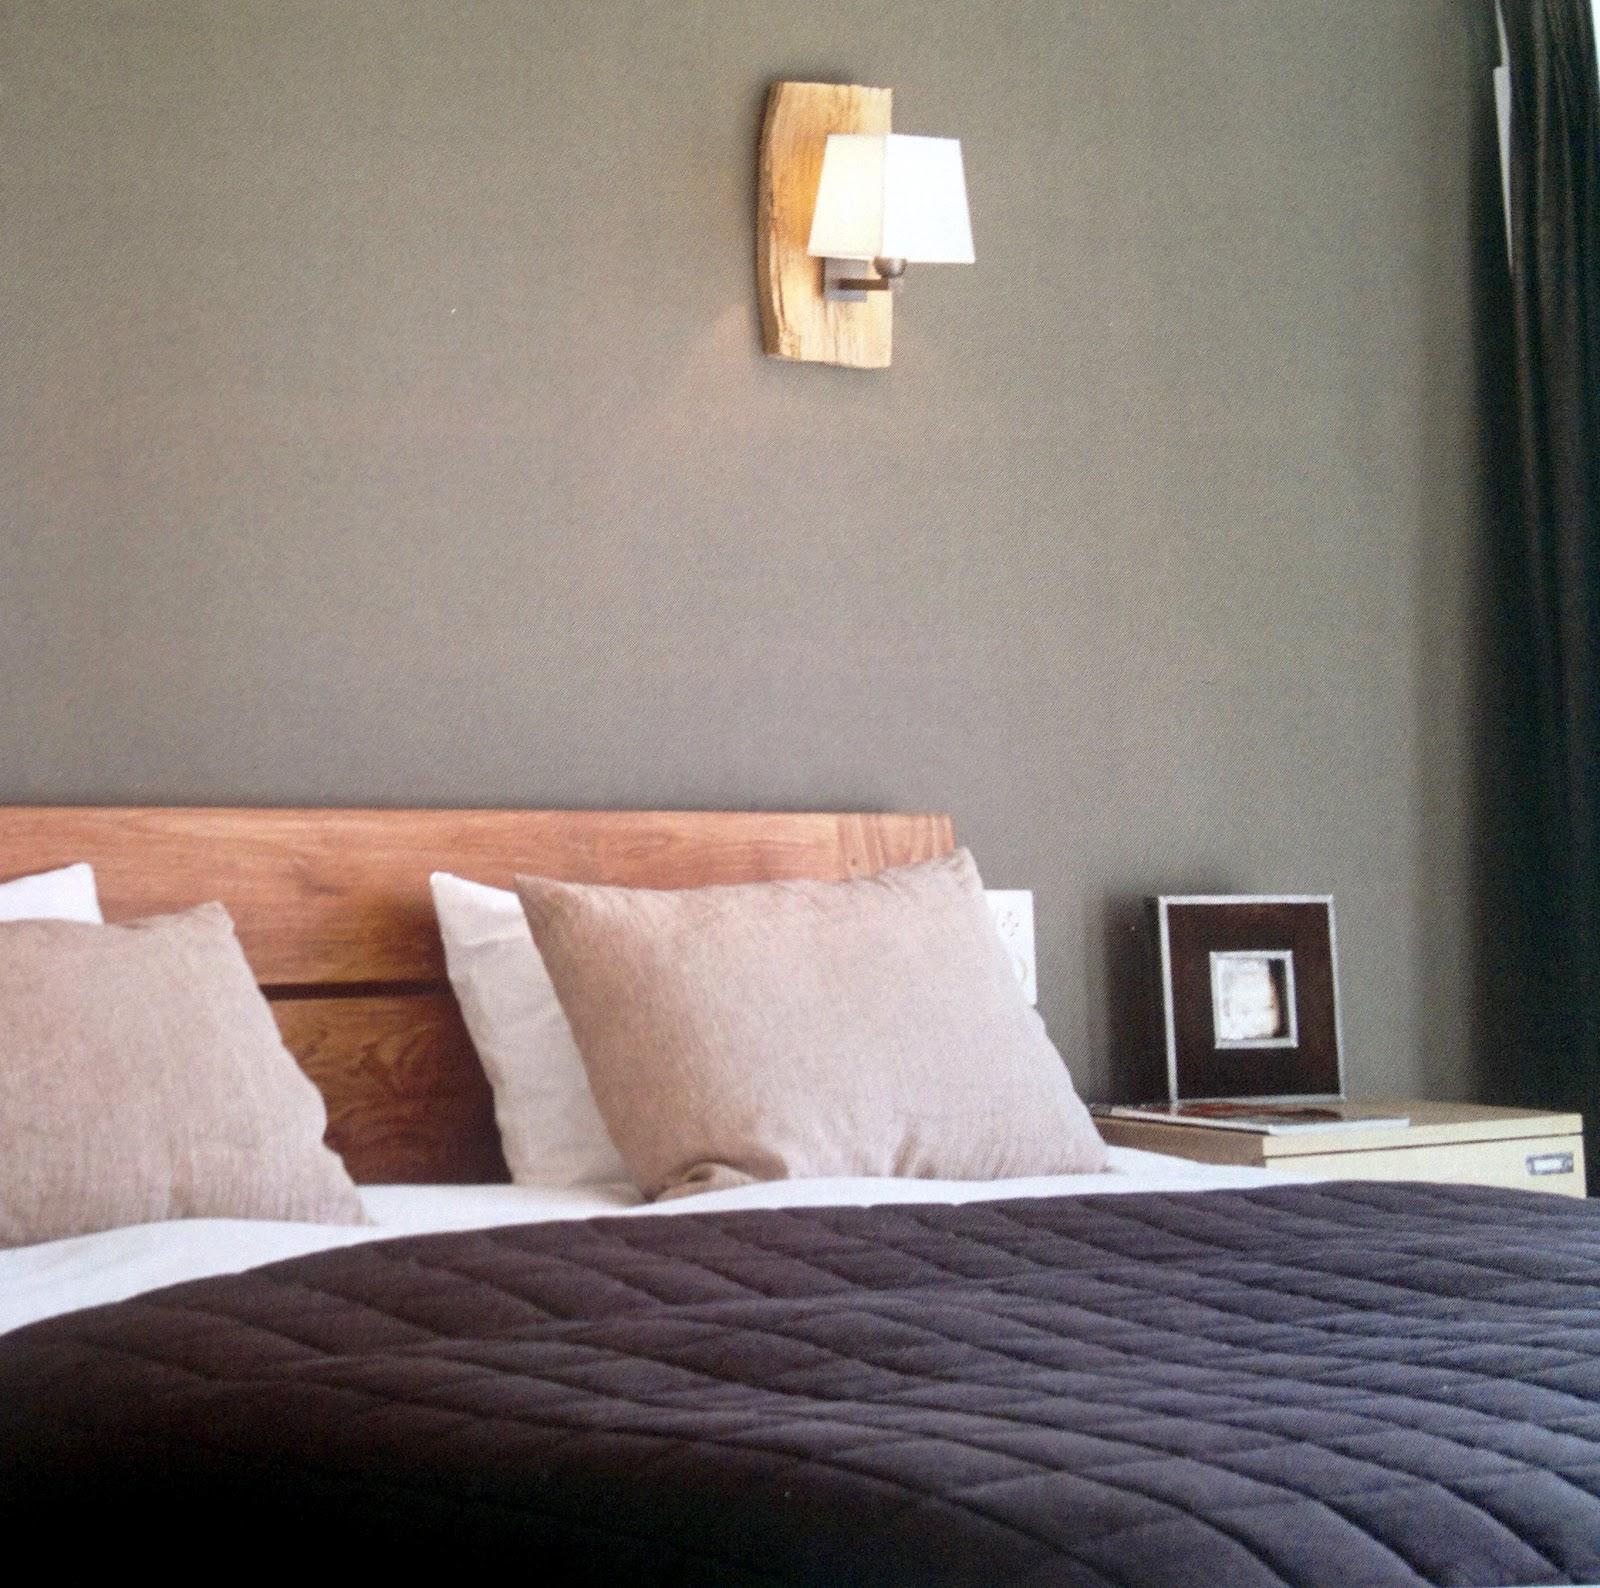 Archi tetti il feng shui in camera da letto post n 5 - Feng shui specchio camera letto ...